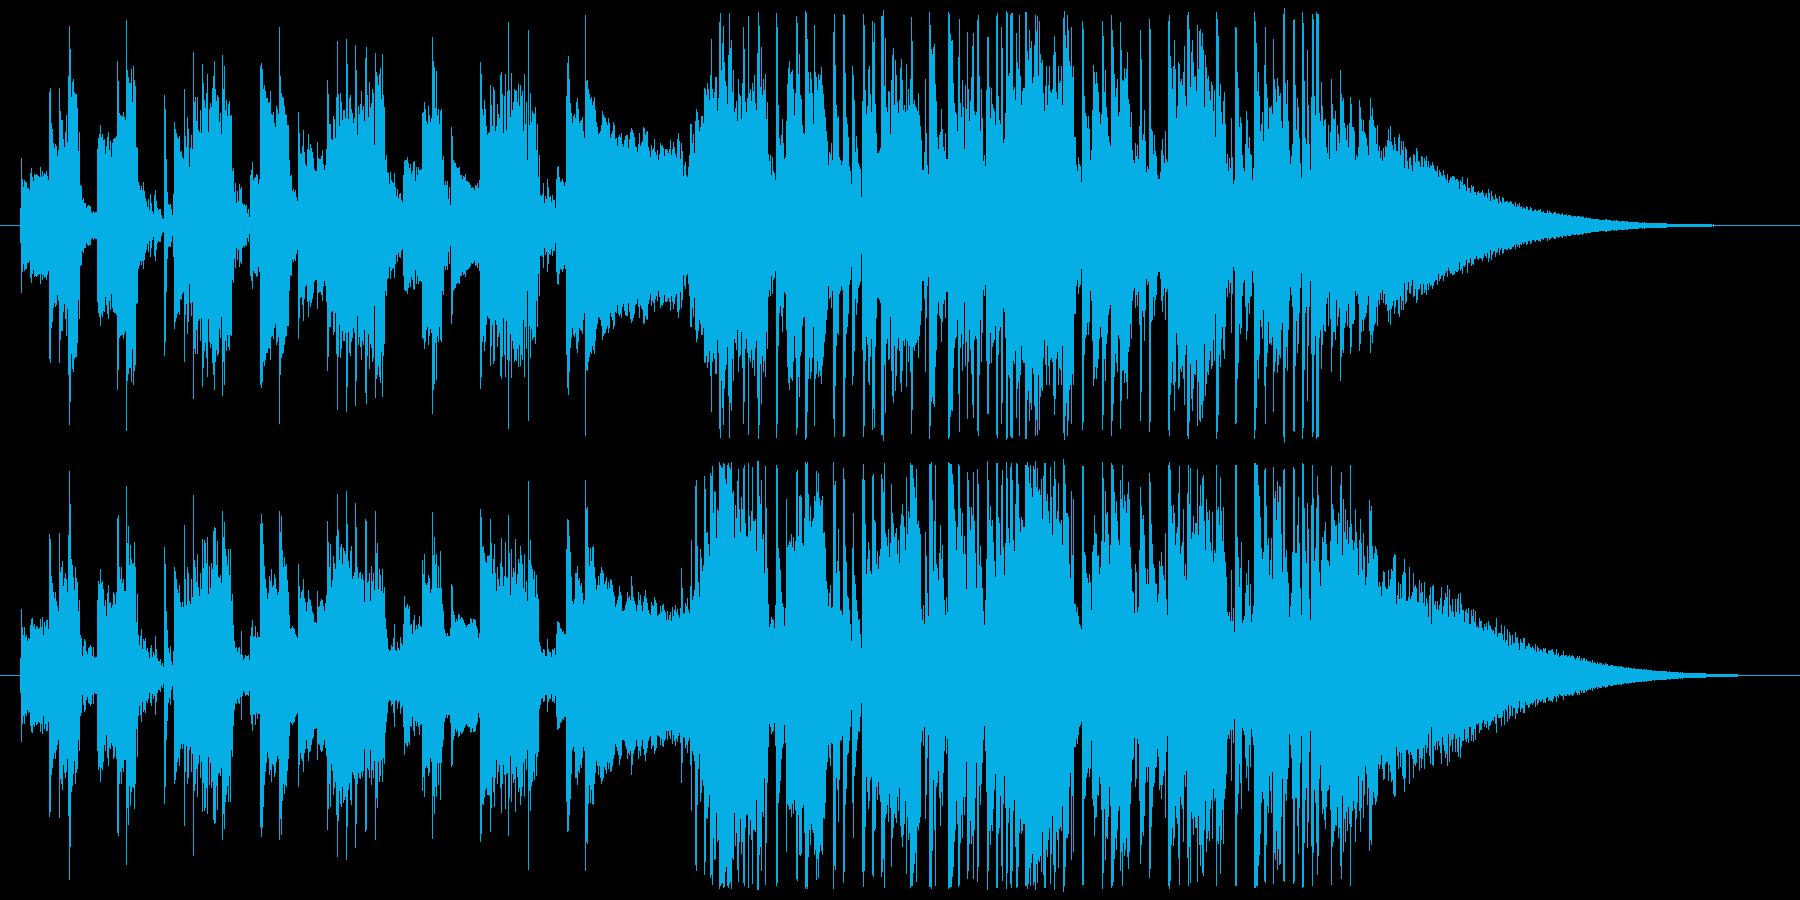 クールな製品紹介向けアコギショートBGMの再生済みの波形